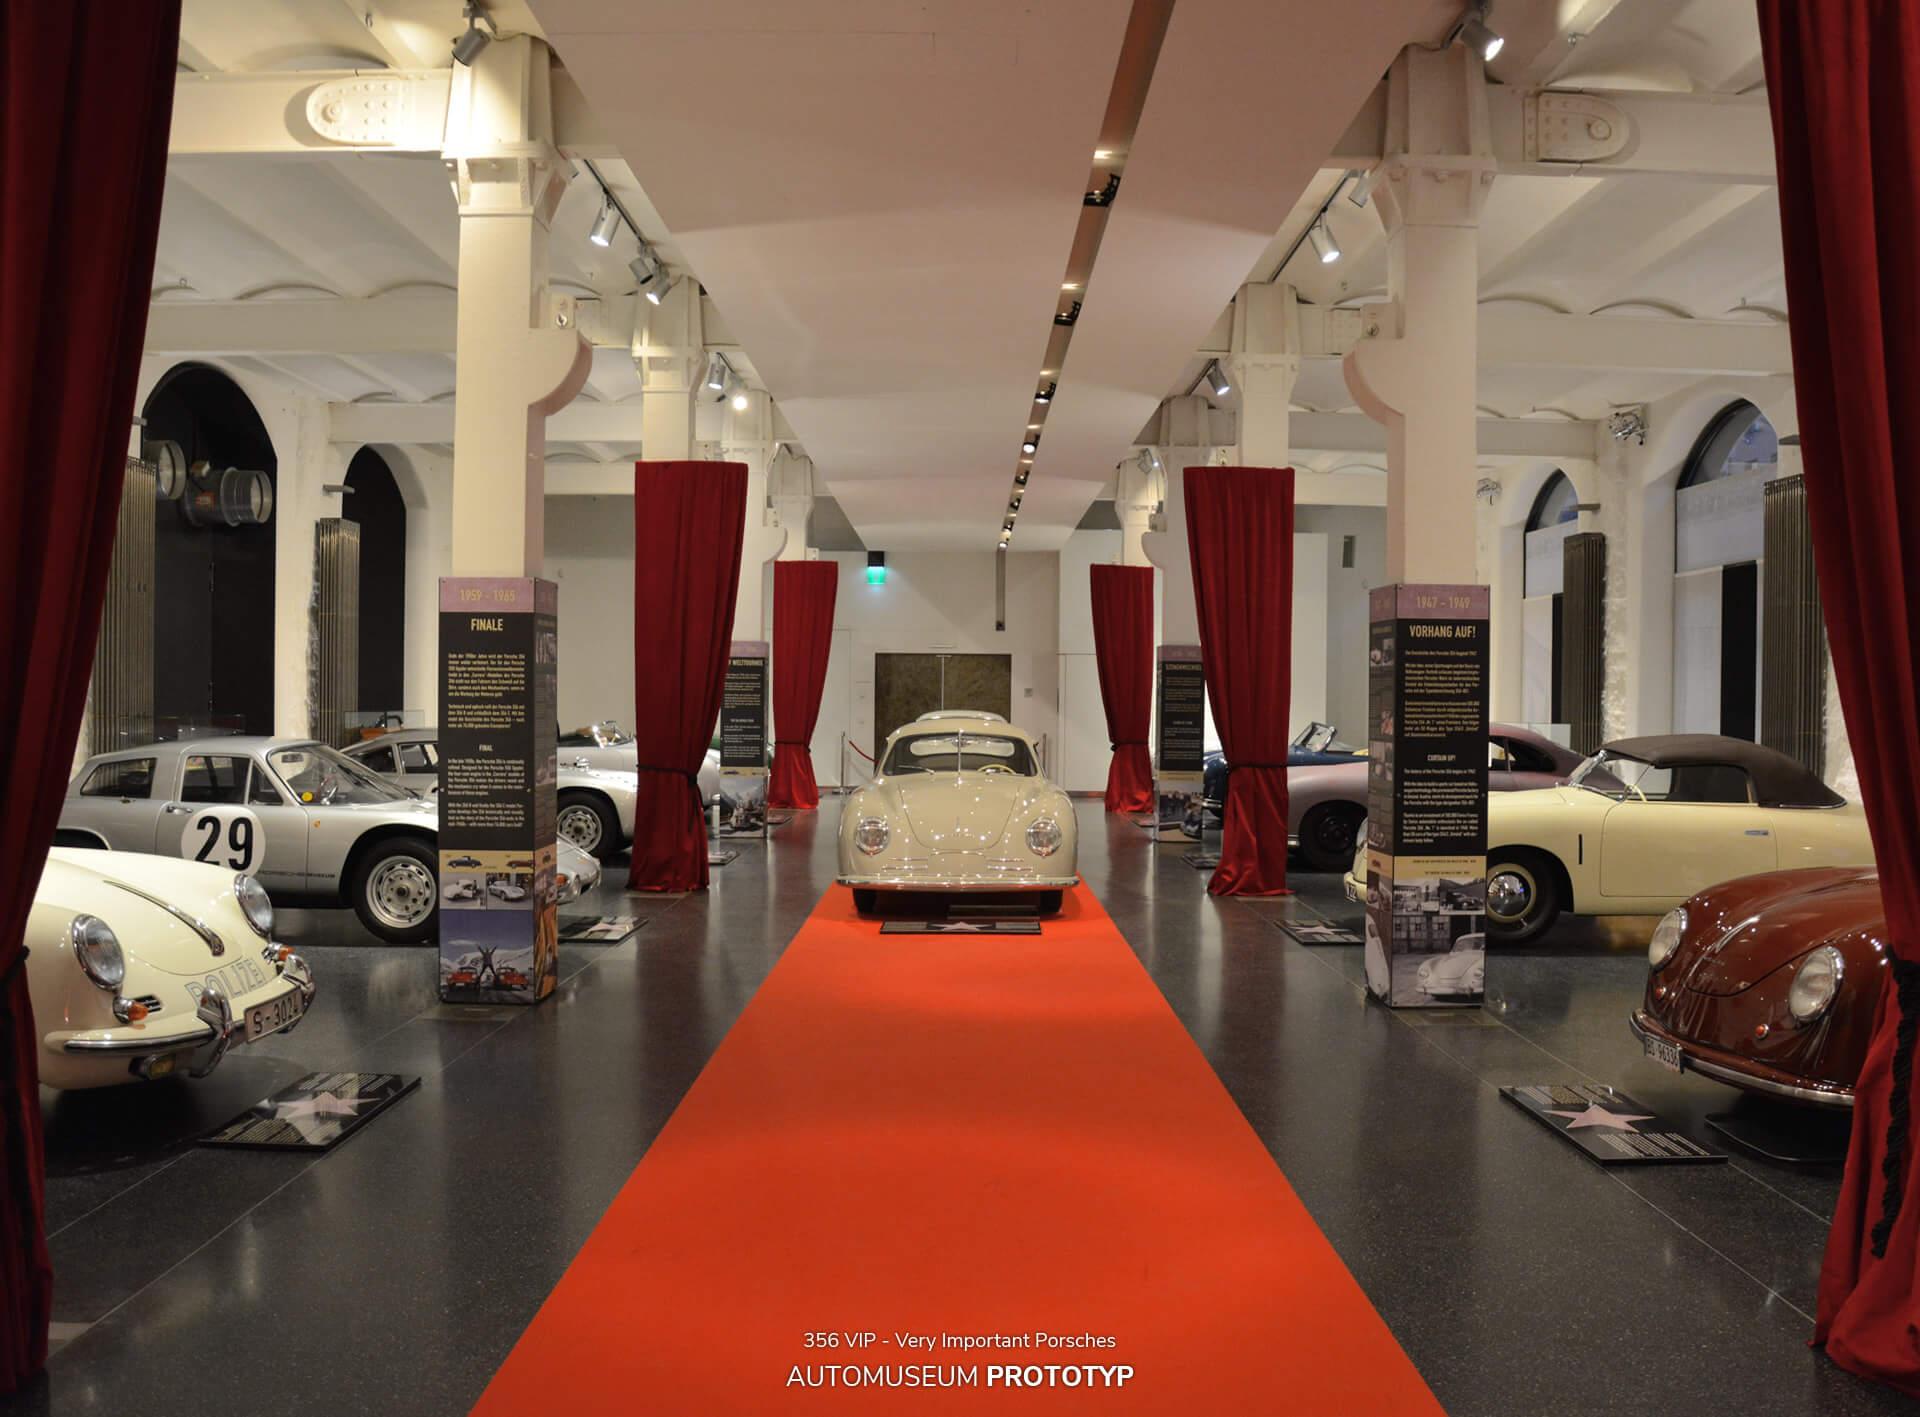 """In der Sonderausstellung """"356 VIP – Very Important Porsches"""" präsentierte das Hamburger Automuseum PROTOTYP 2015/2016 eine Auswahl ganz besonderer Porsche 356, die erstmalig in dieser Zusammenstellung zusammenfanden: vom ältesten noch erhaltenen Serien-Porsche aus der Anfangszeit im österreichischen Gmünd bis hin zu den Rennsport-Exoten der frühen 1960er Jahre."""